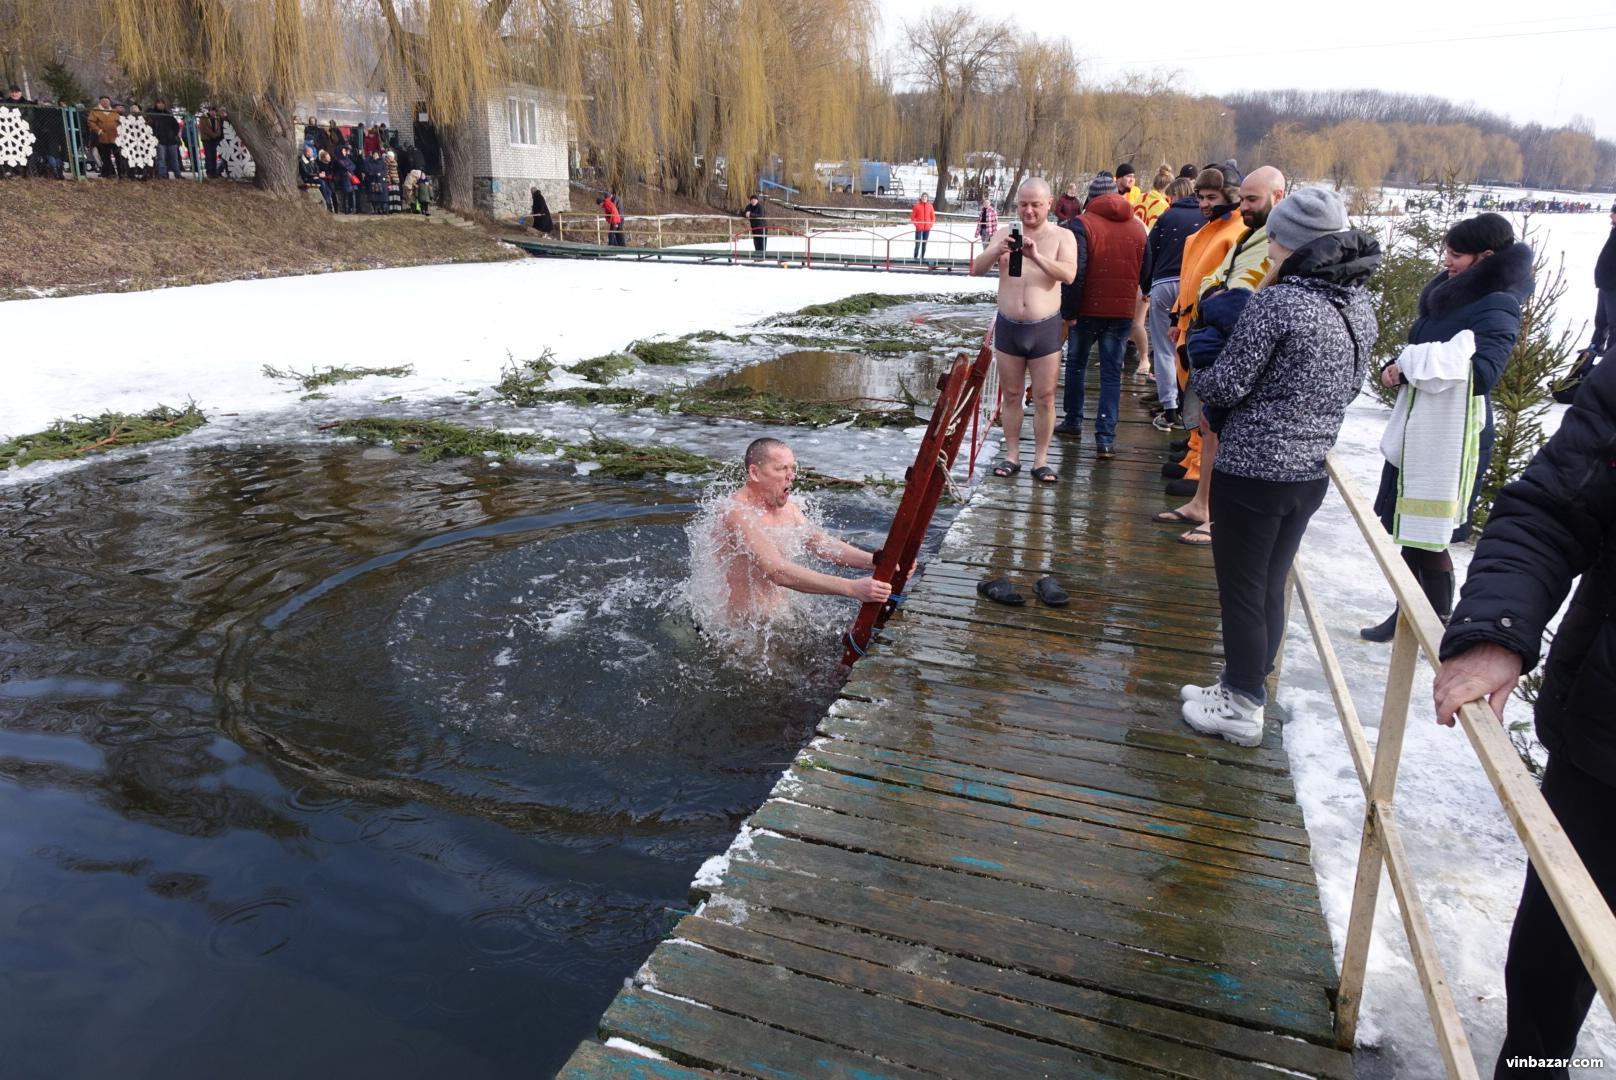 Водохреща 2018 у Вінниці: сотні людей наважилися скупатися у крижаній воді (Фото)